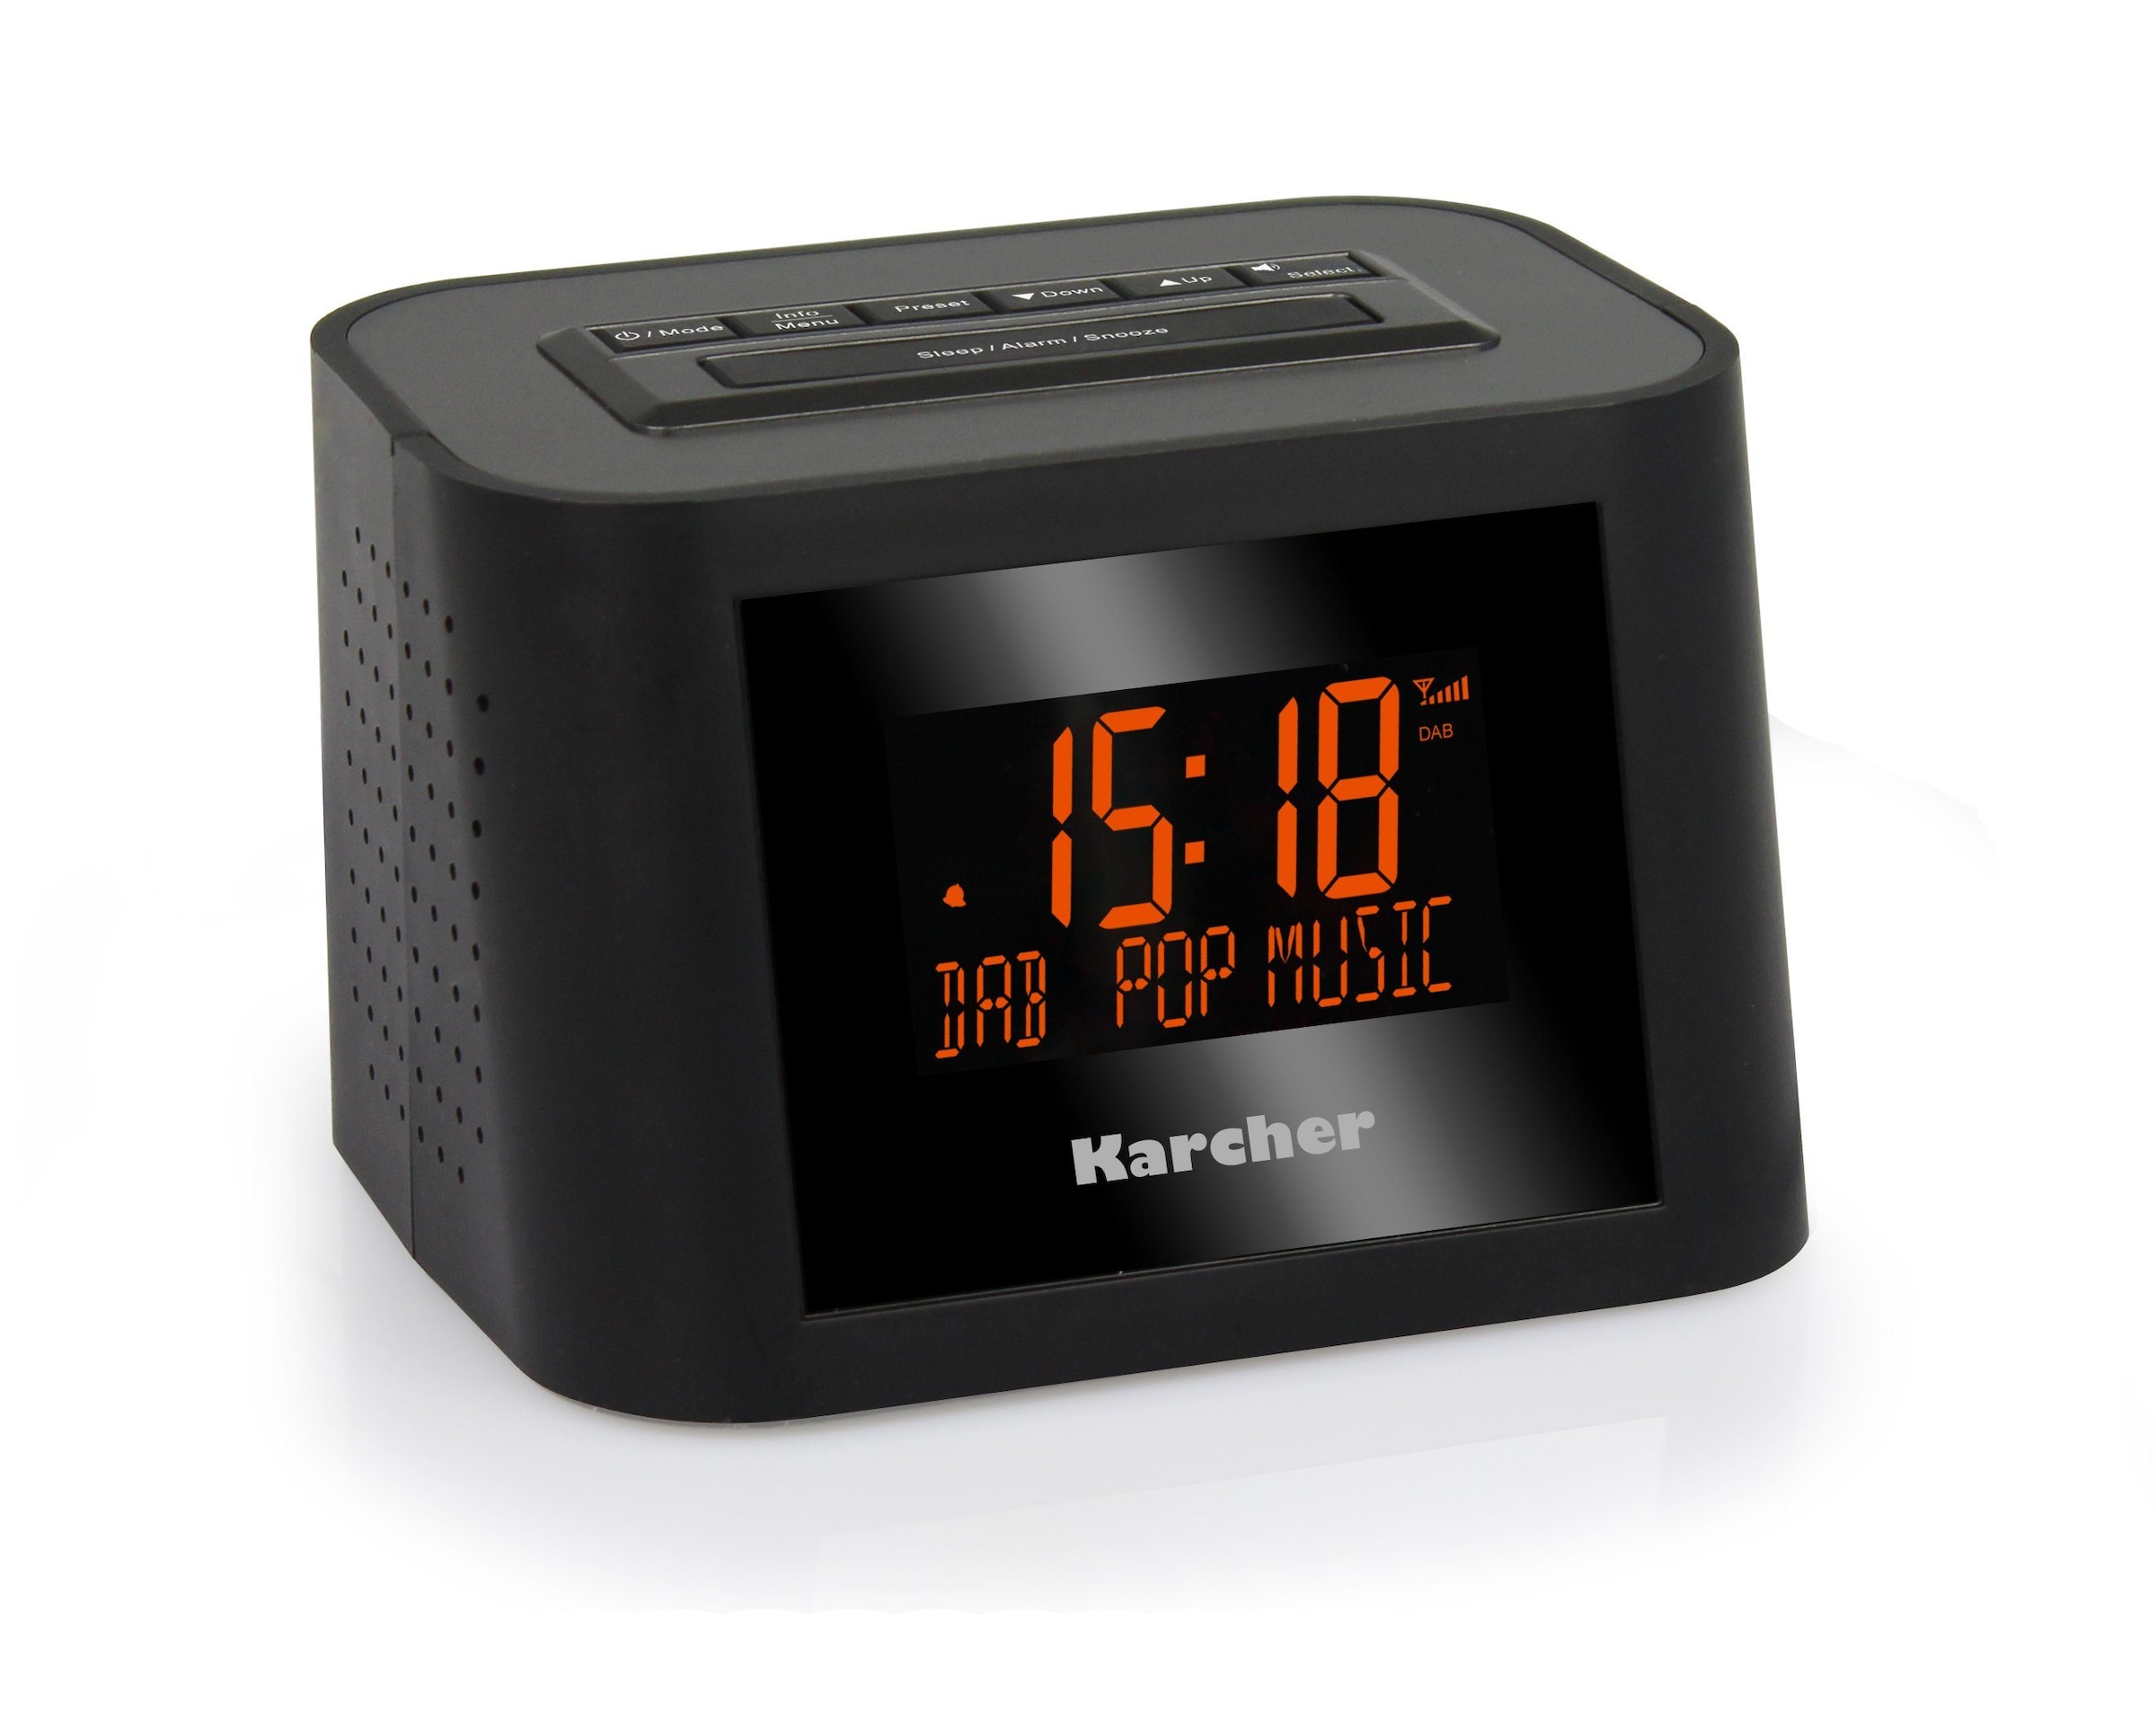 Radio Sporting Modernes Design Kompakte Digital-wecker Fm Radio Mit Dual Alarmsummer Snooze Sleep-funktion Rote Led Timer Einfach Zu Lesen Unterhaltungselektronik